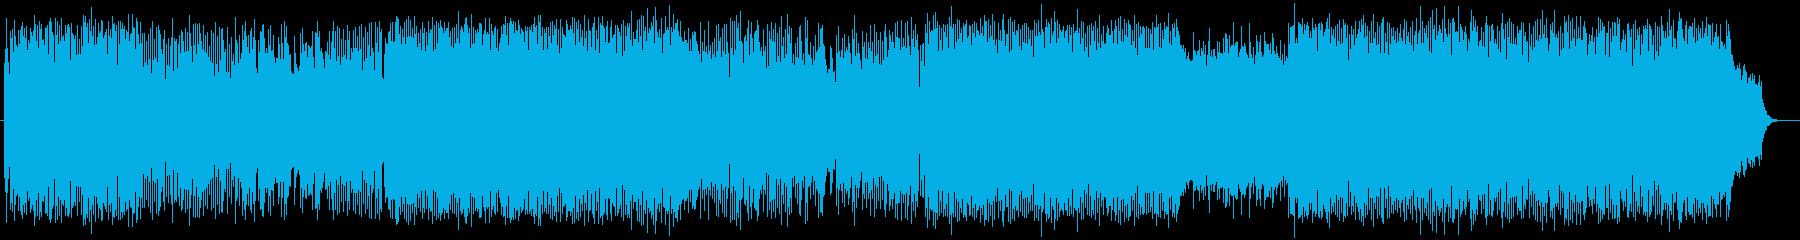 疾走感と勢いのあるギターシンセサウンドの再生済みの波形